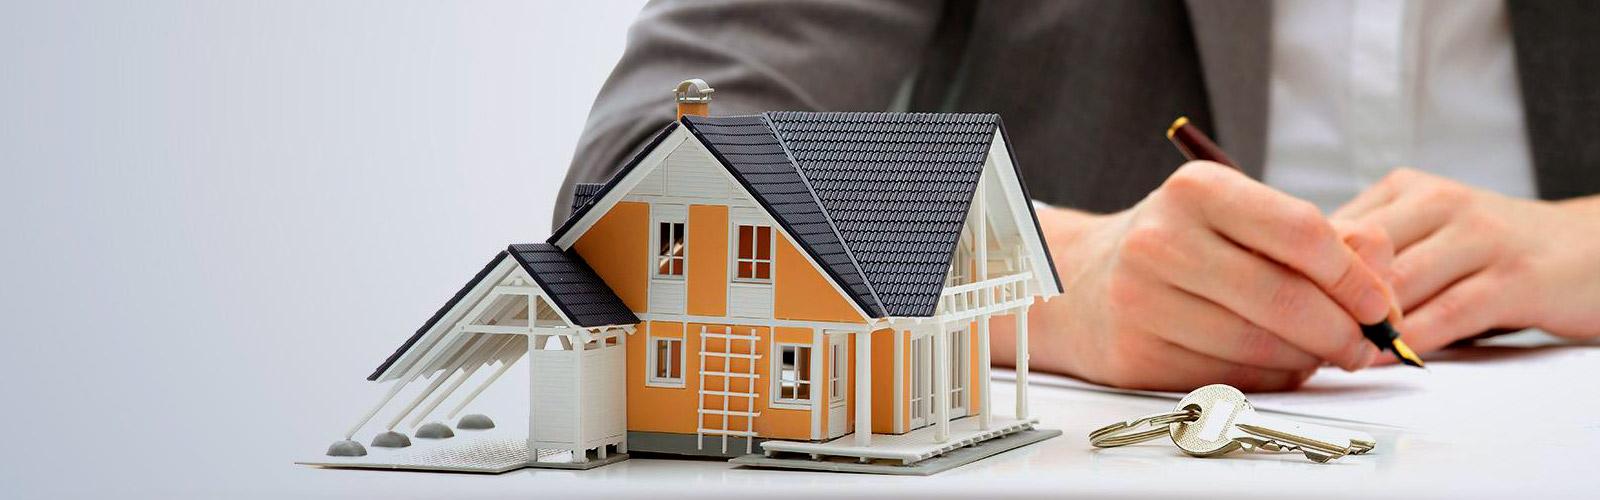 Asesoría Legal Agentes Inmobiliarios - DerechoInmobiliario.pe